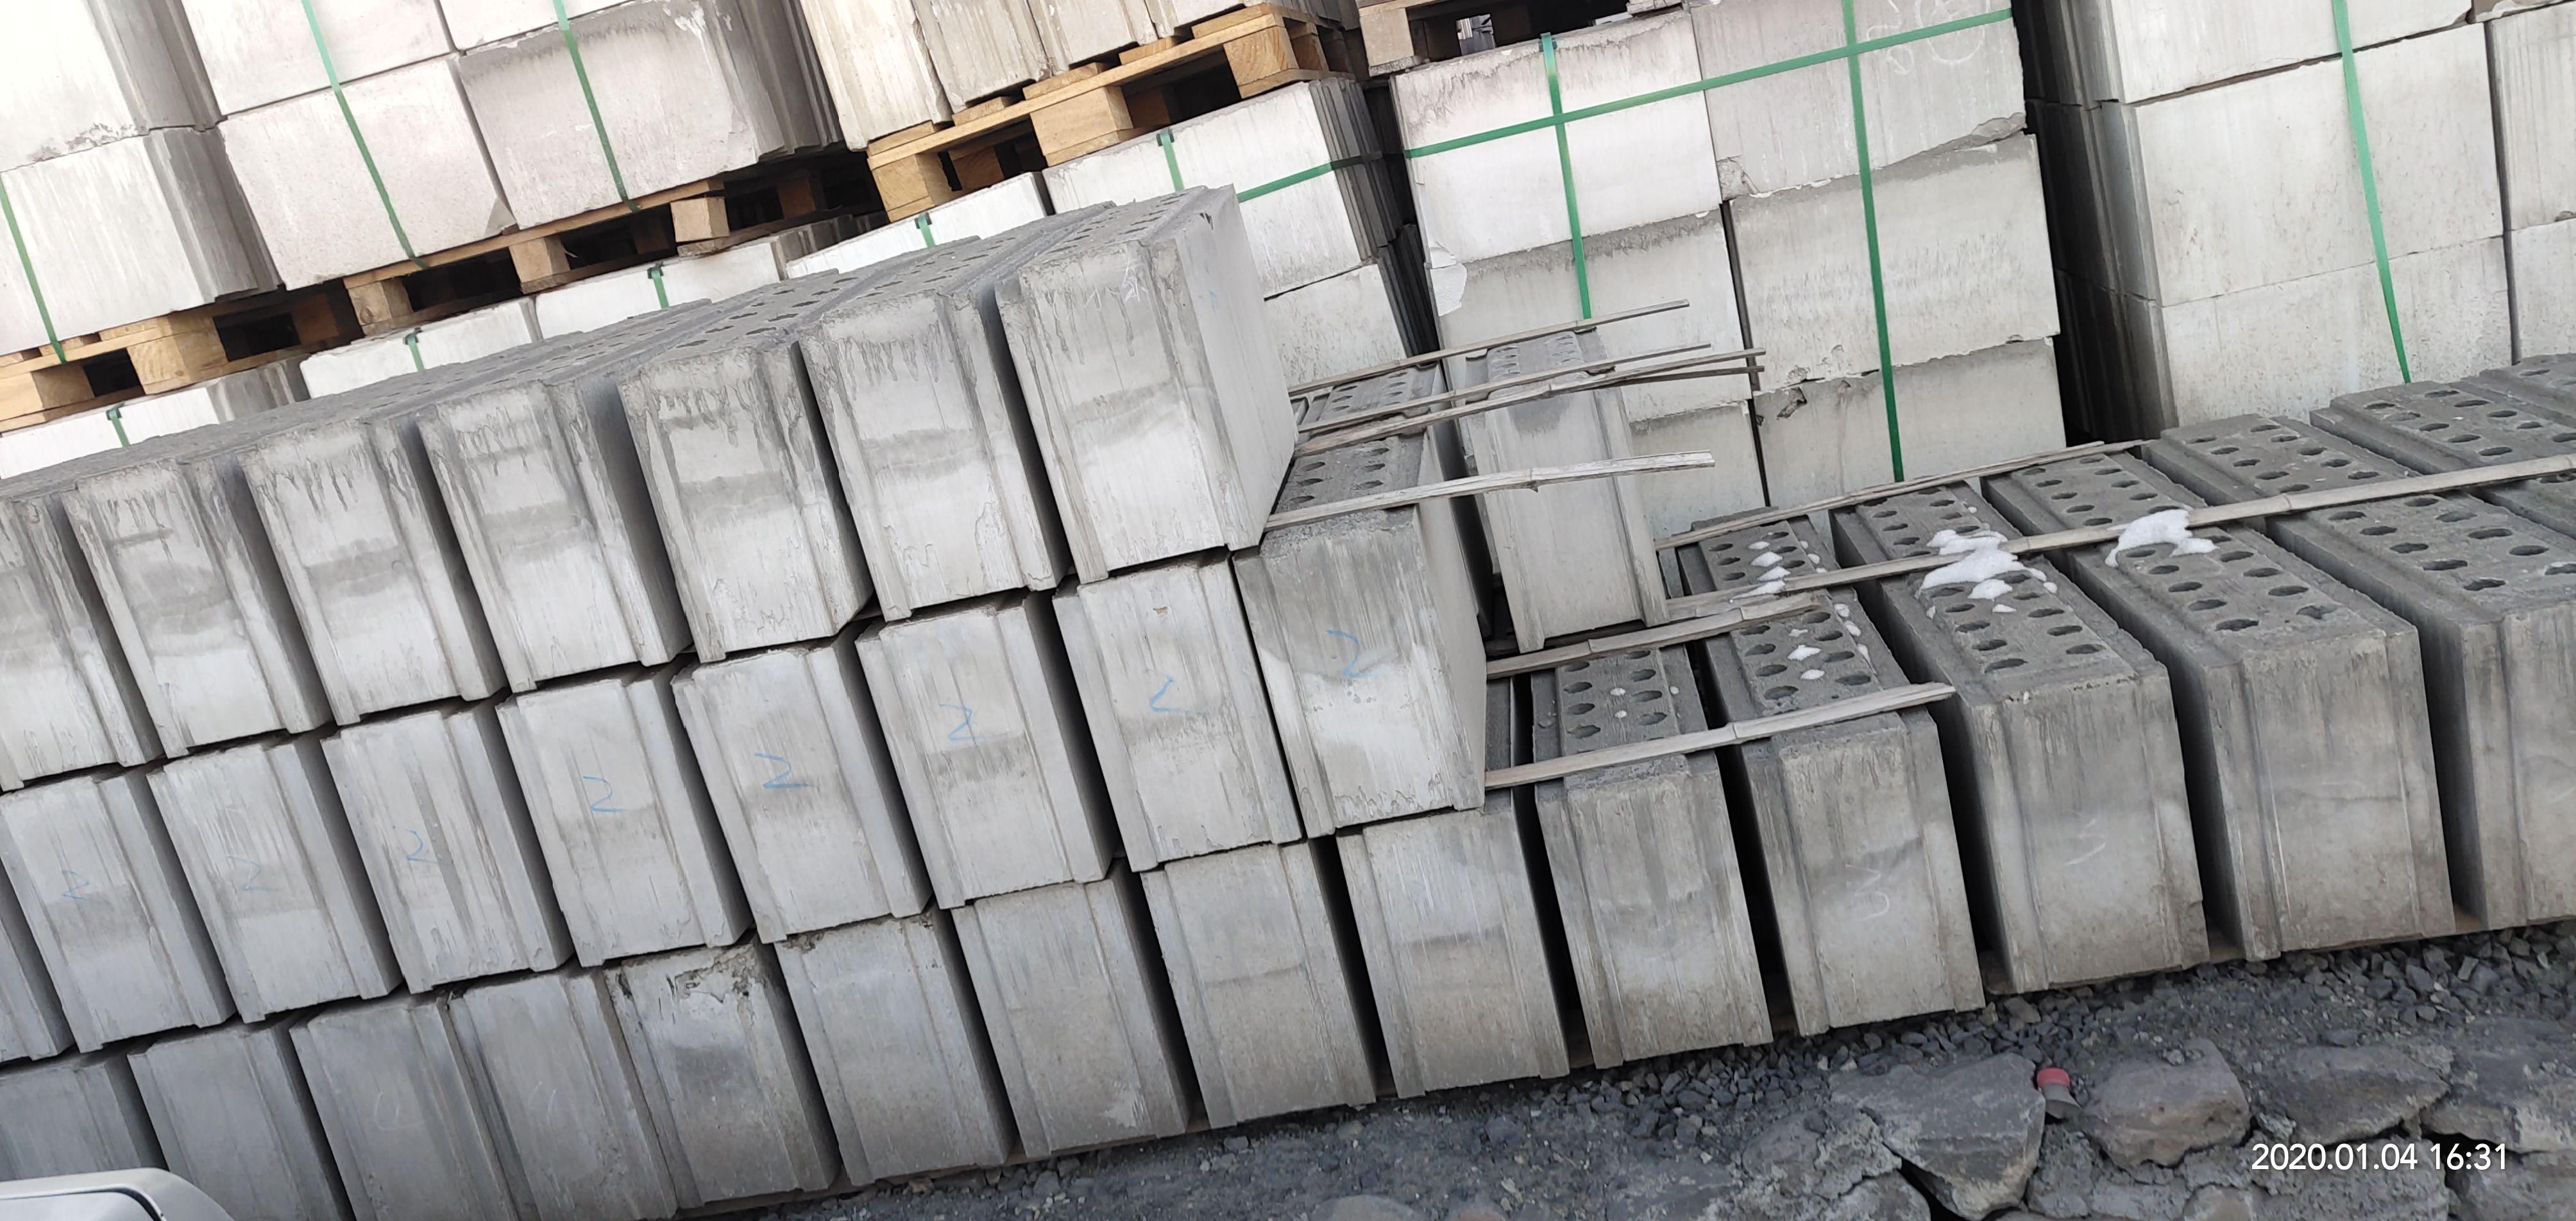 新型崛起的石膏砌块材料有哪些值得一提的优点呢?